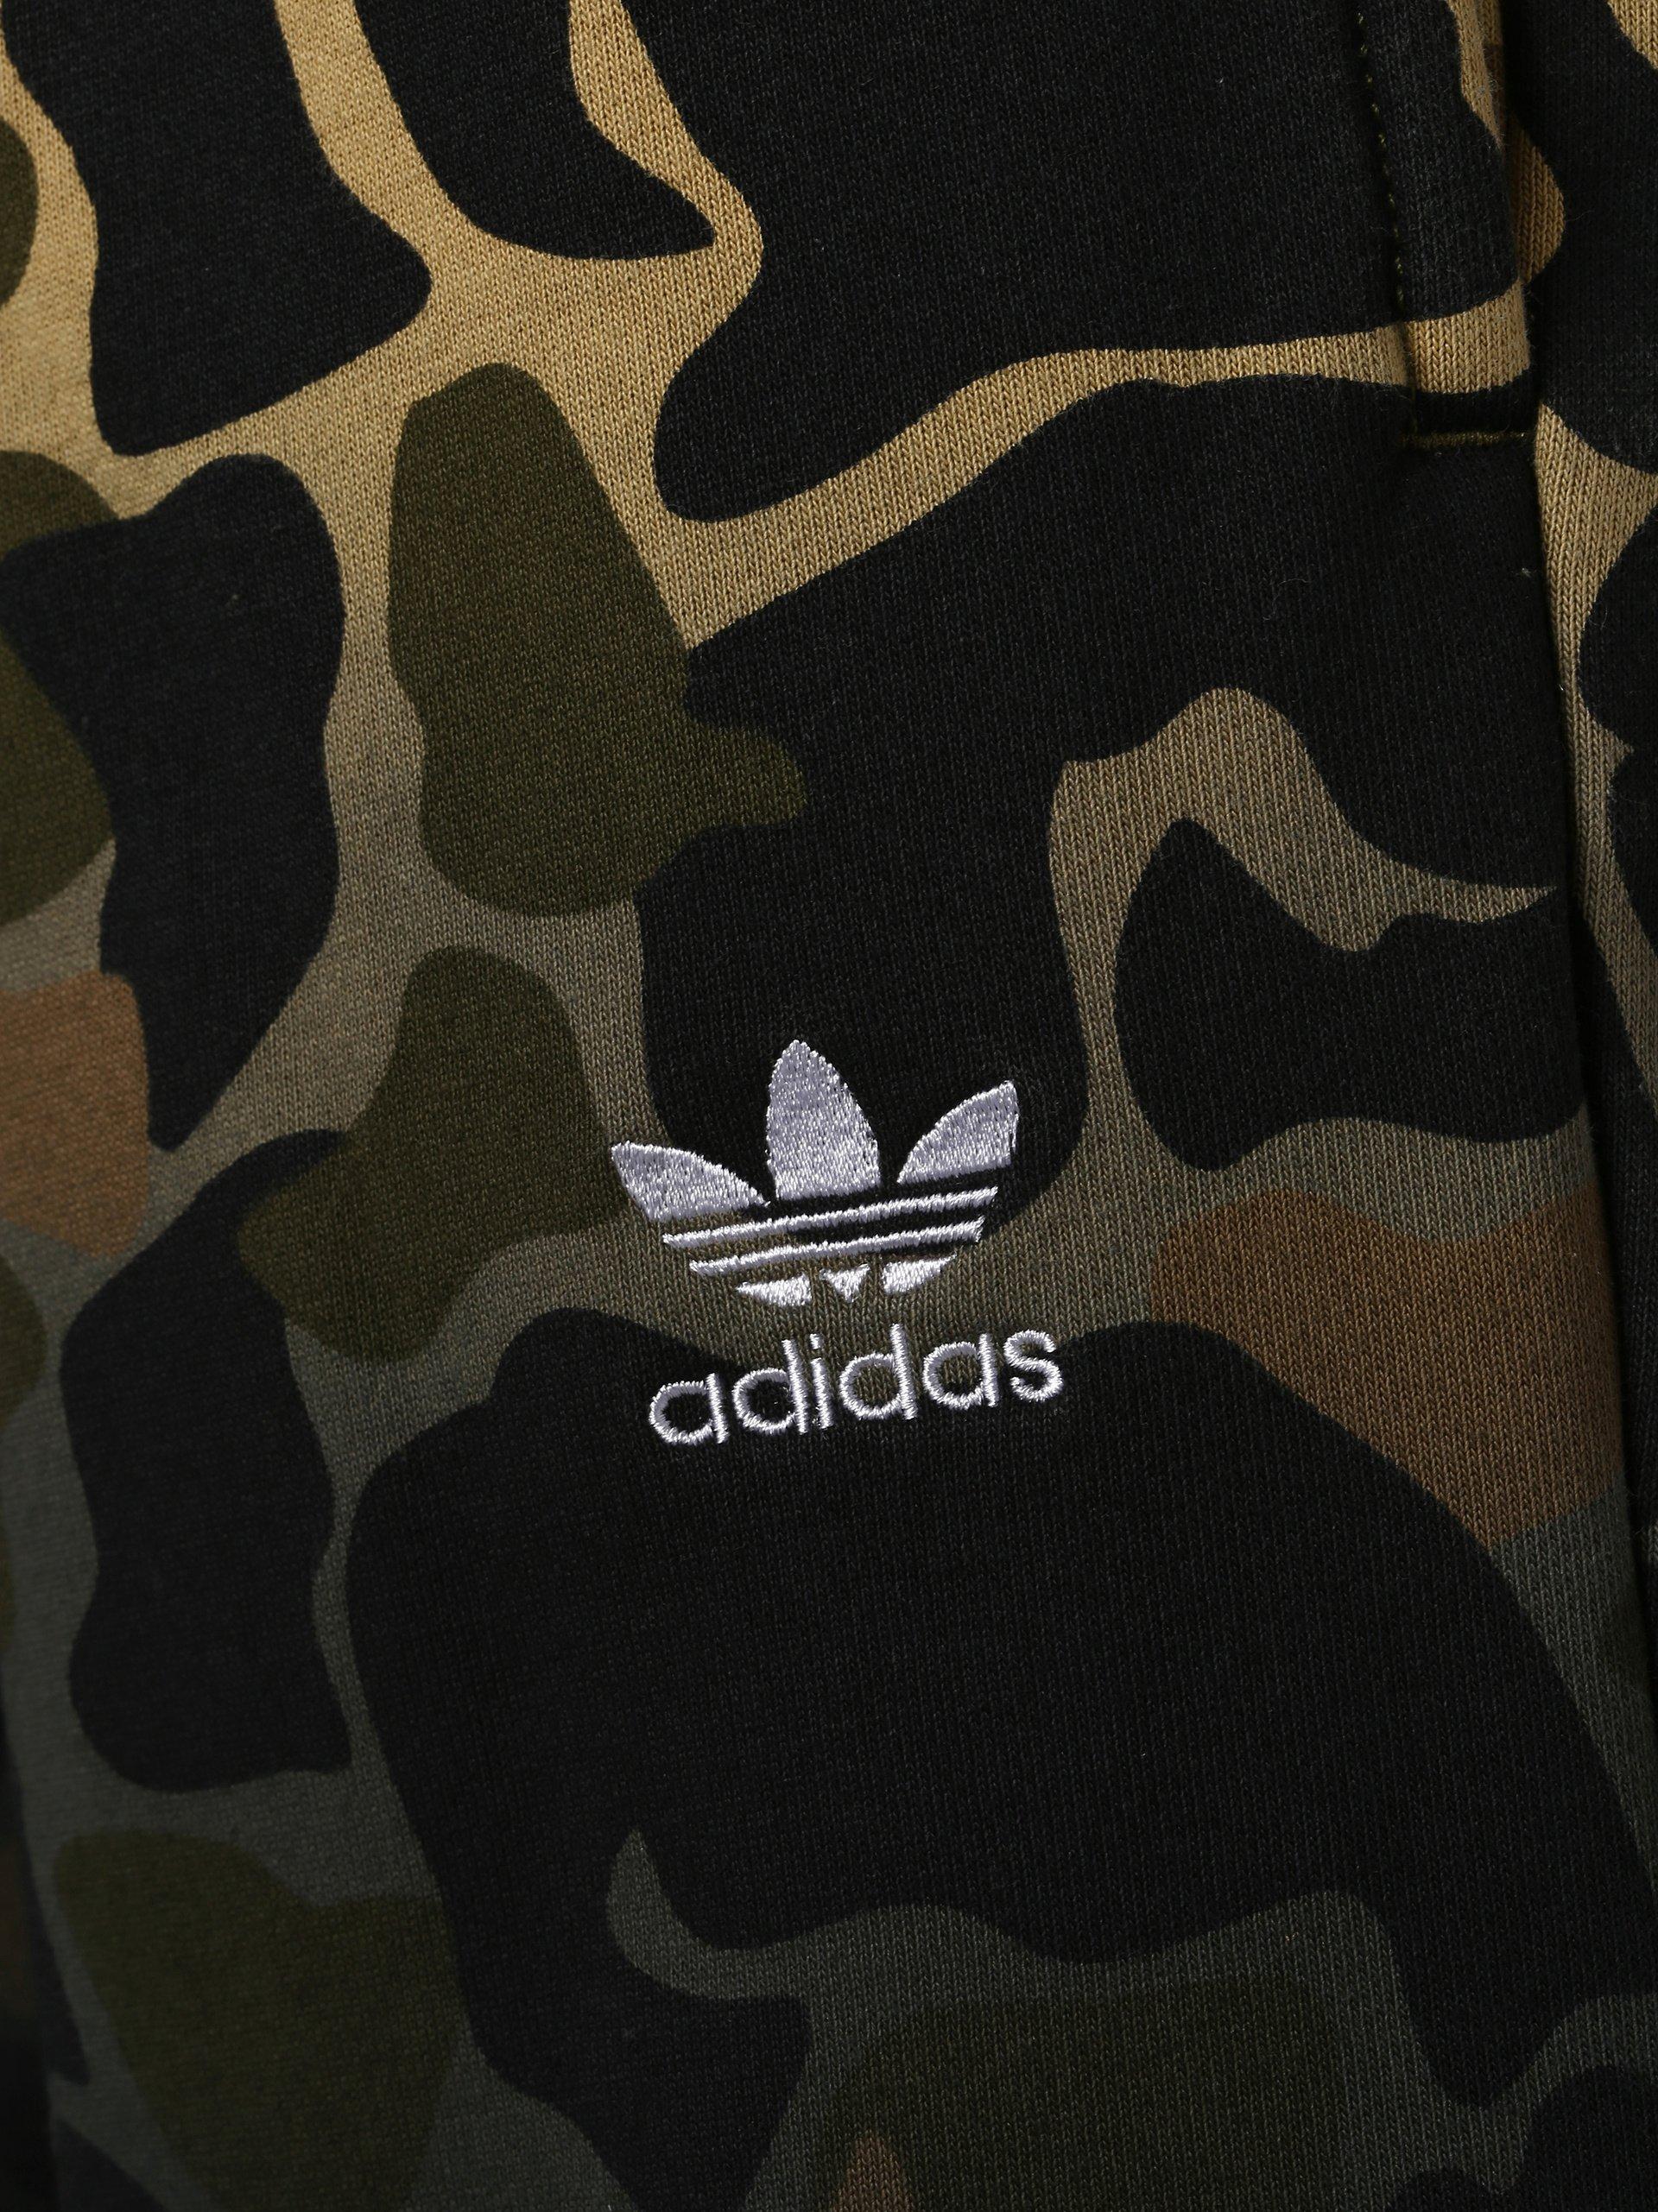 adidas Originals Herren Sweathose